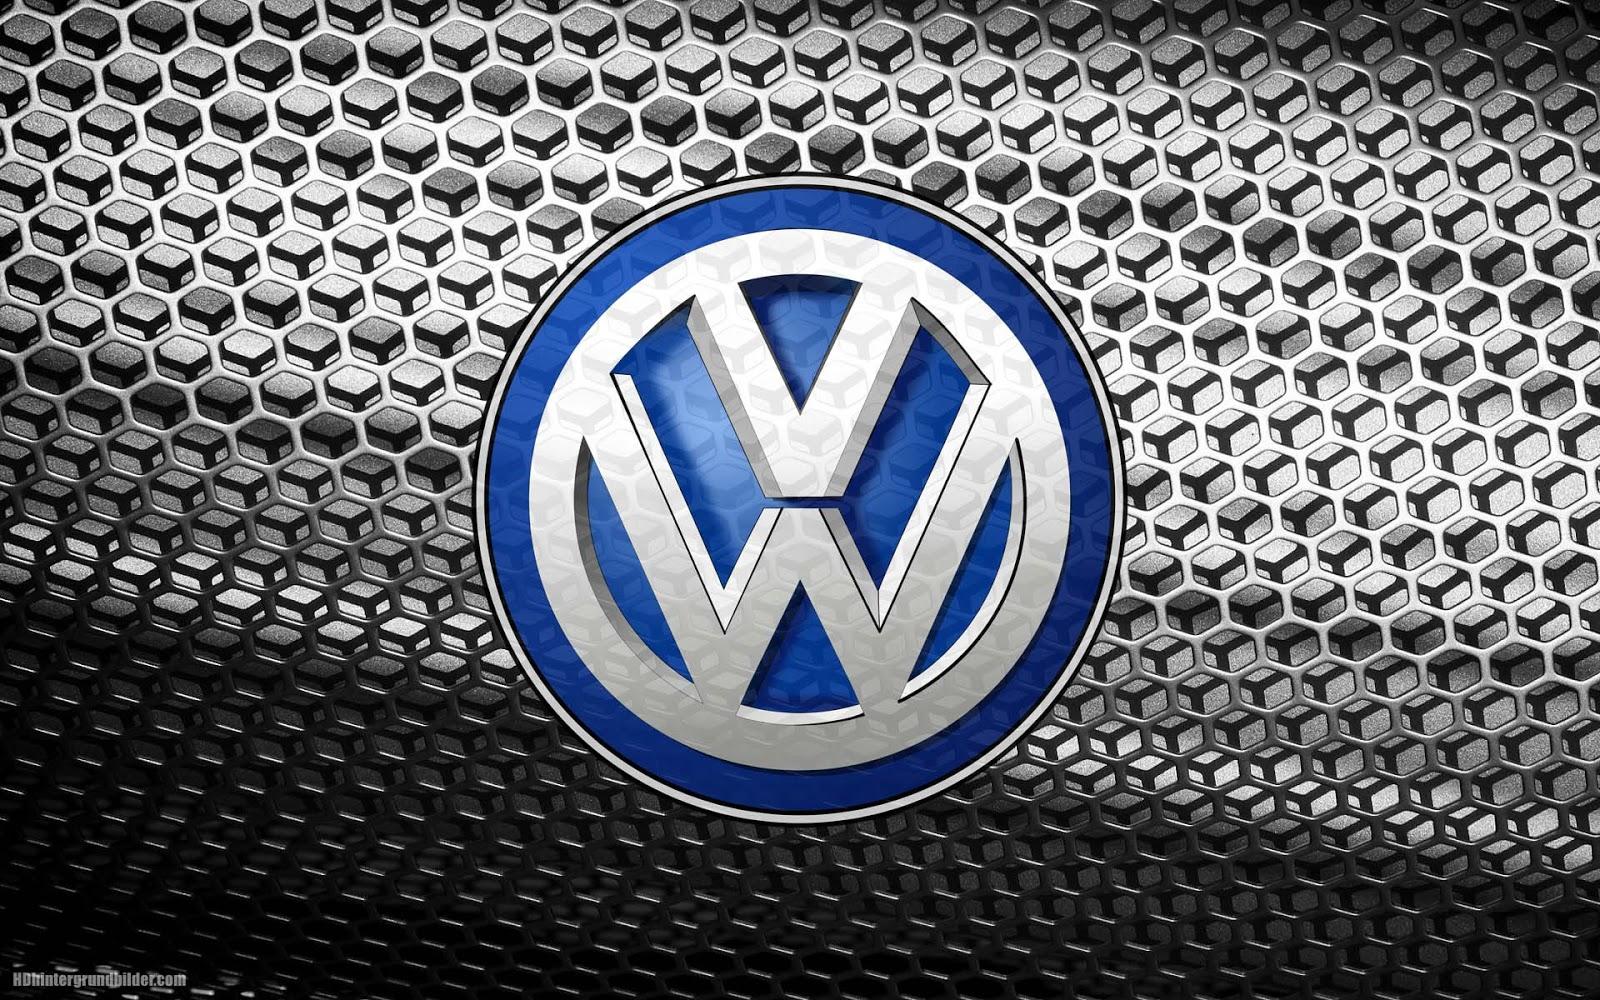 Schnen grauen metall VW wallpaper mit VW logo Volkswagen 1600x1000